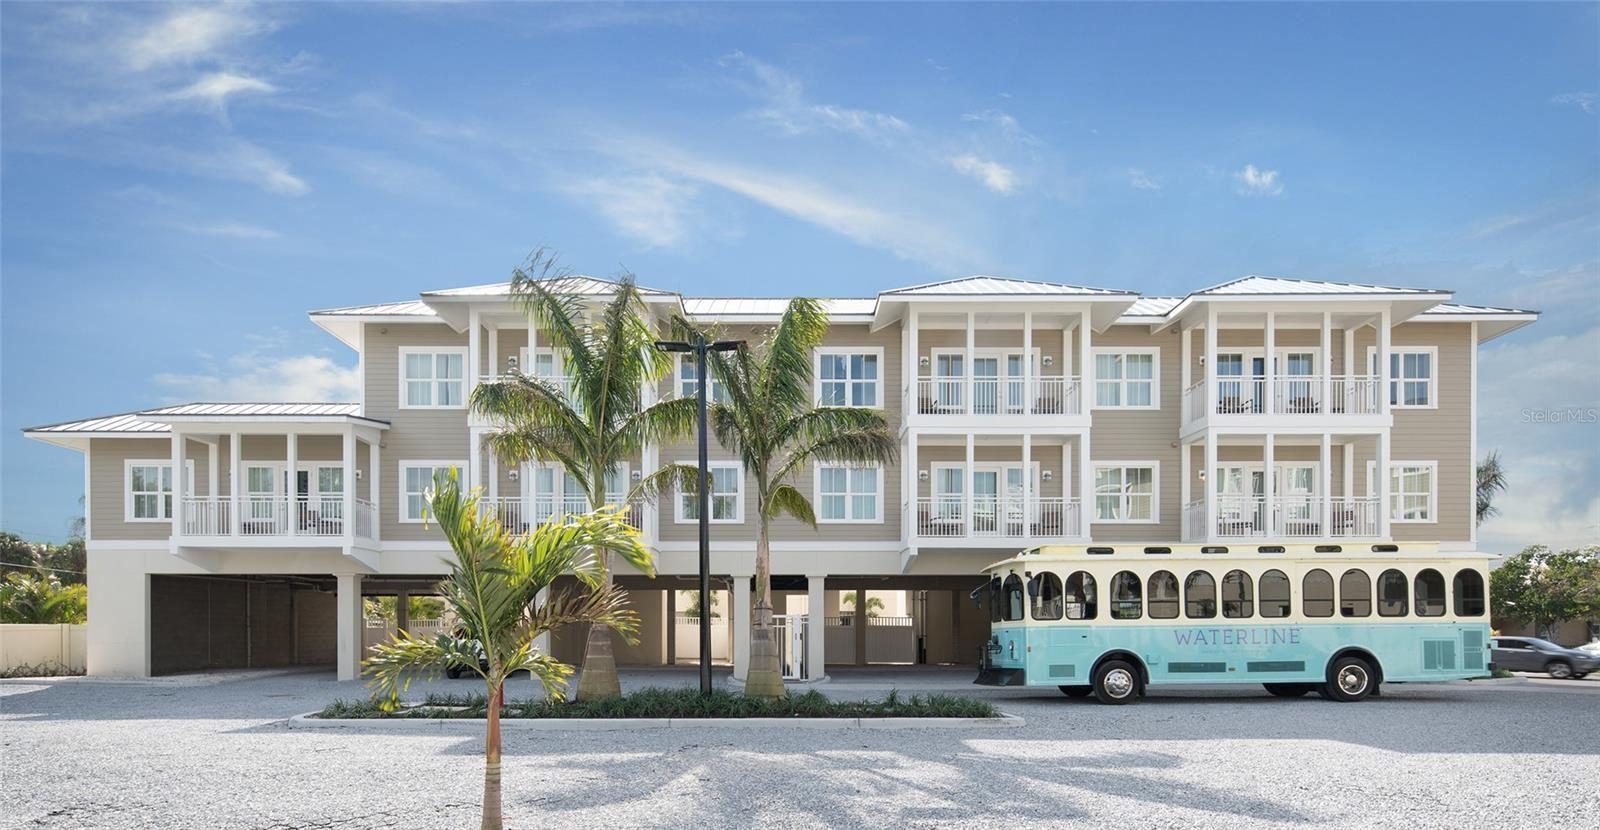 Photo for 5325 MARINA DRIVE #422, HOLMES BEACH, FL 34217 (MLS # A4507317)